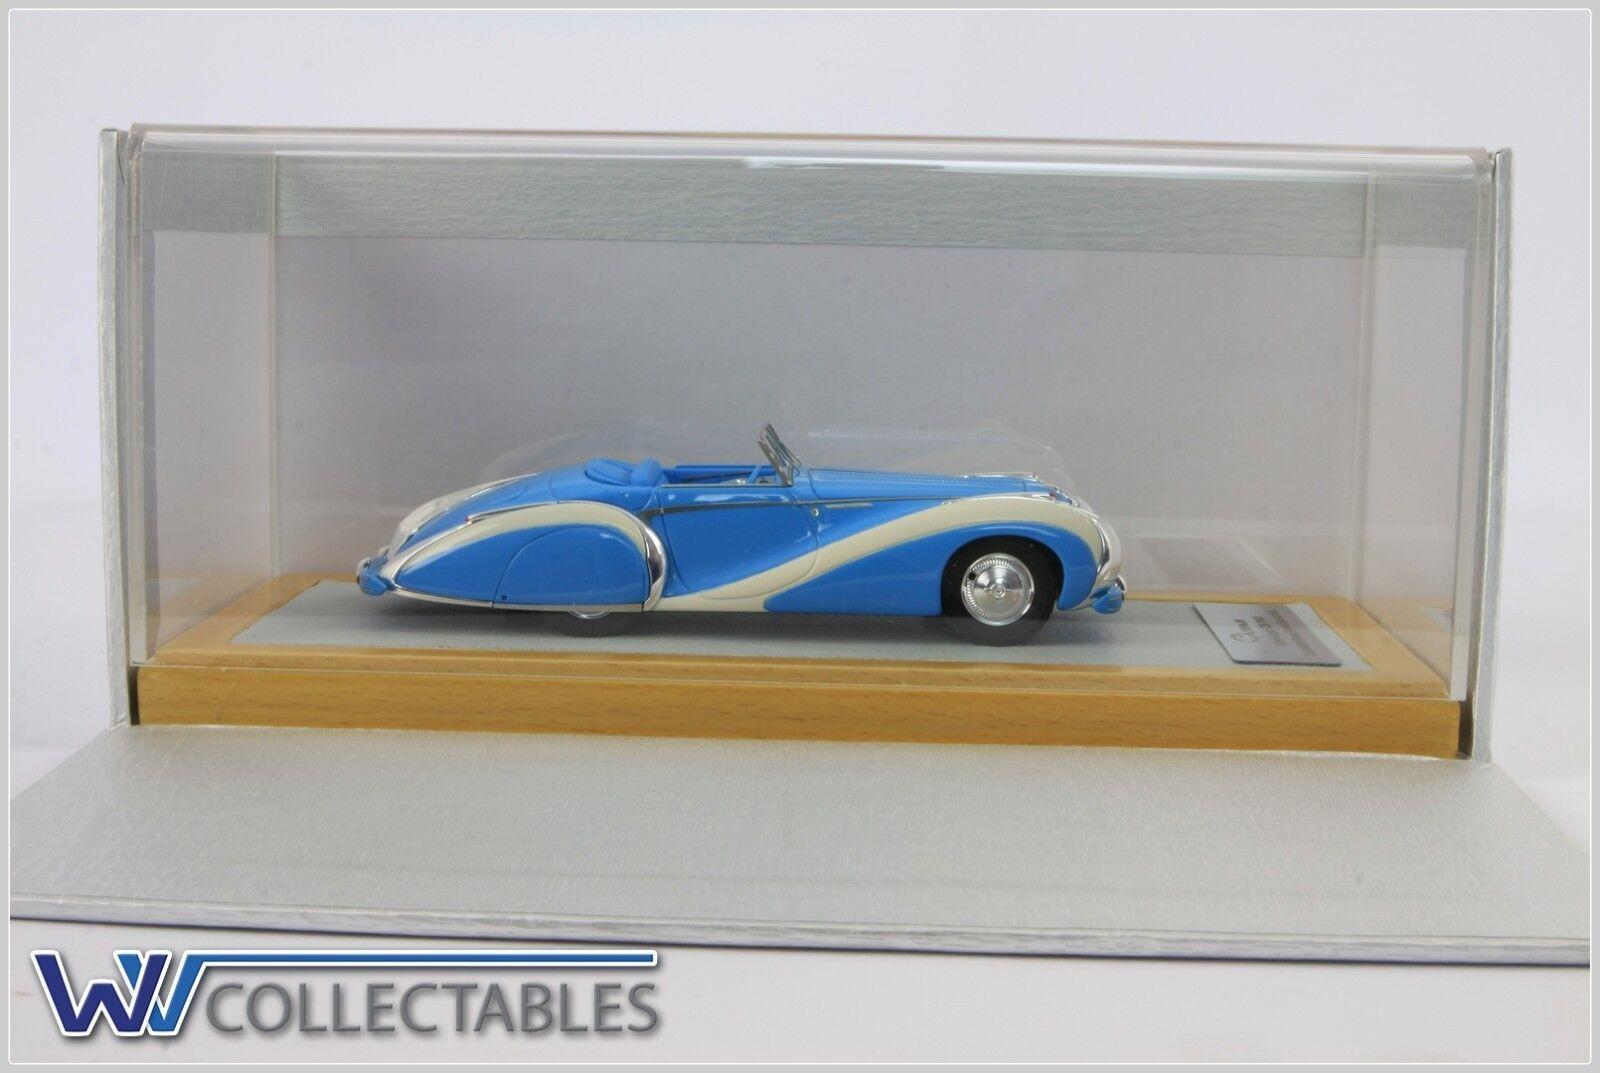 Talbot-Lago t26 1948 converdeible grand sport 1 100 pieces ilario Chromes 1 43 cromático 063